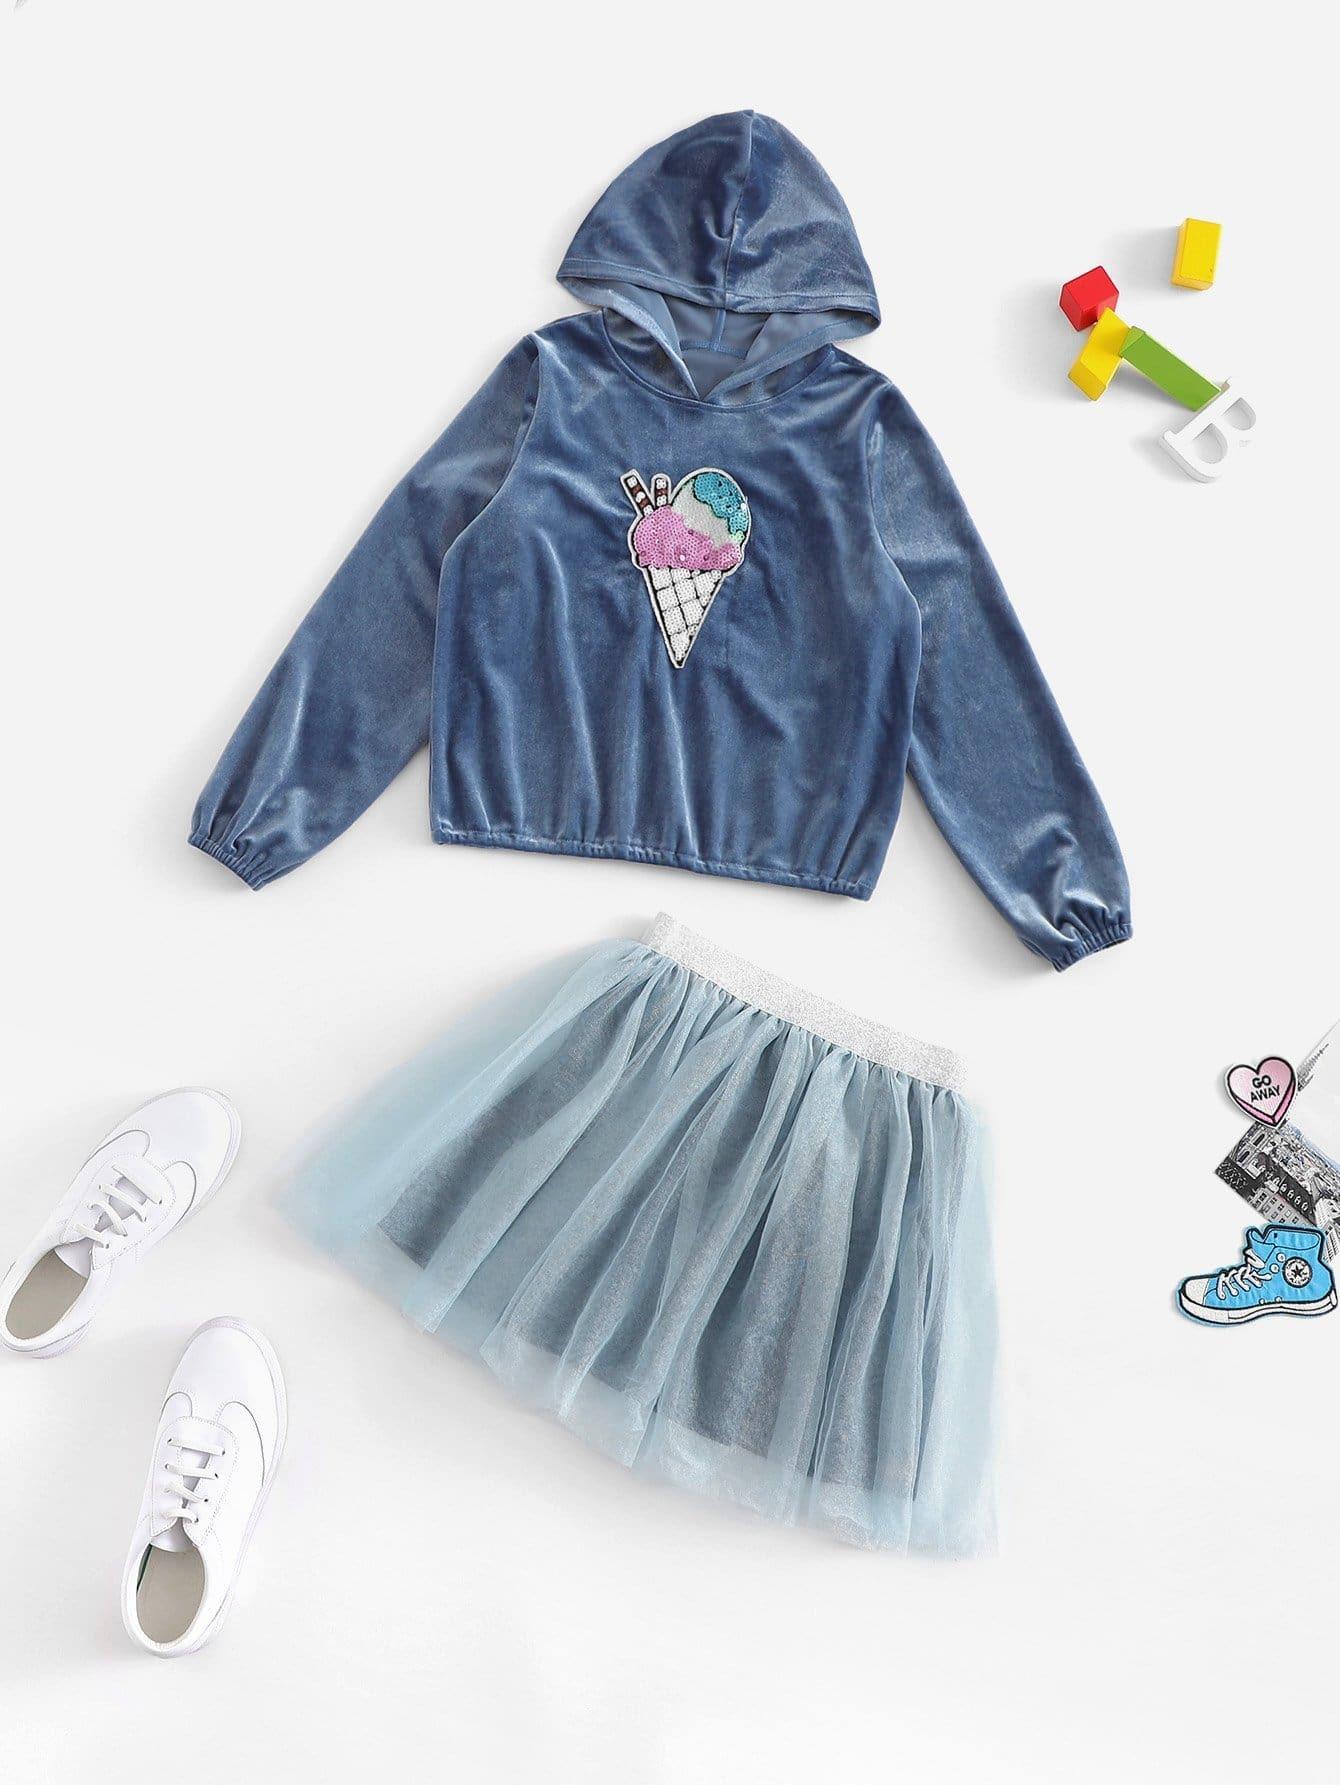 Купить Для девочек топ с капюшоном и сетчатая юбка комплект, null, SheIn